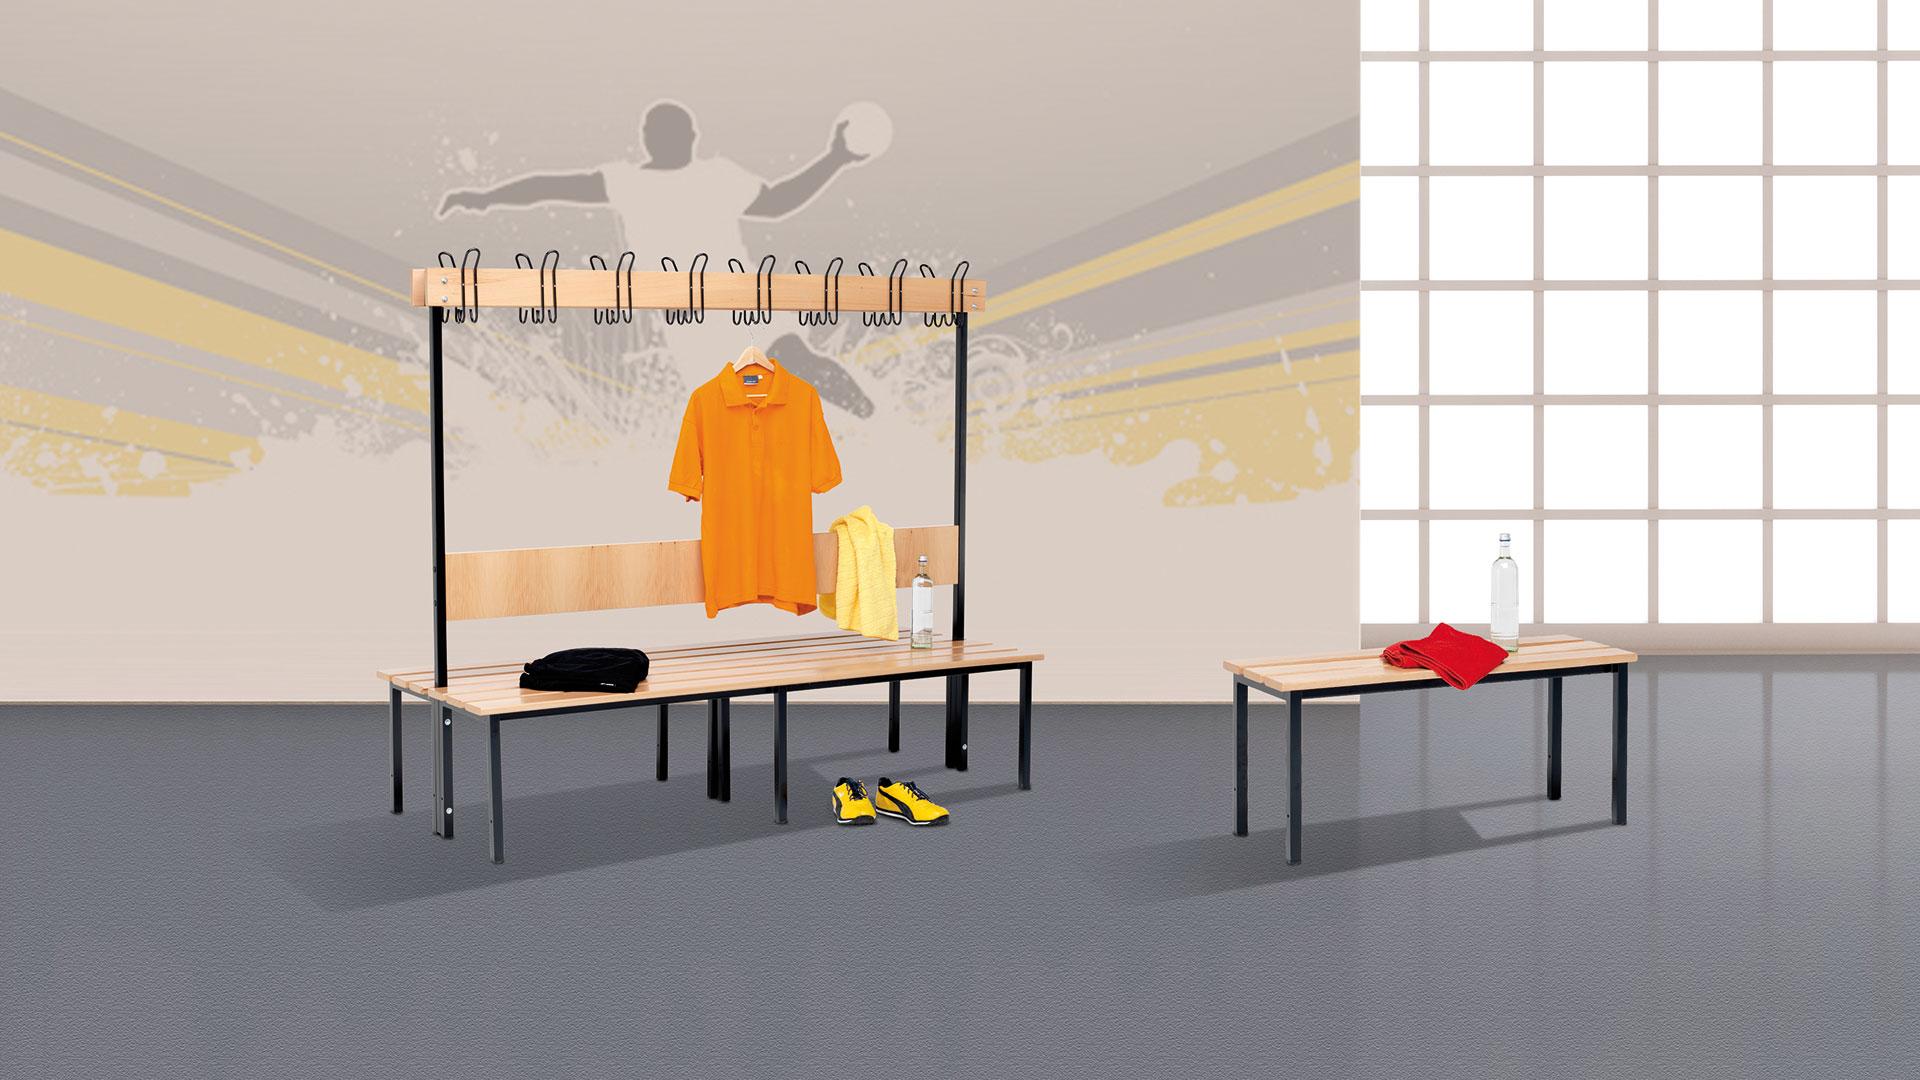 Sitz-und-Garderobenbank-Buchenleisten-doppelseitig-freistehend-sit-slat-mauser1VjVyxyynXQCV